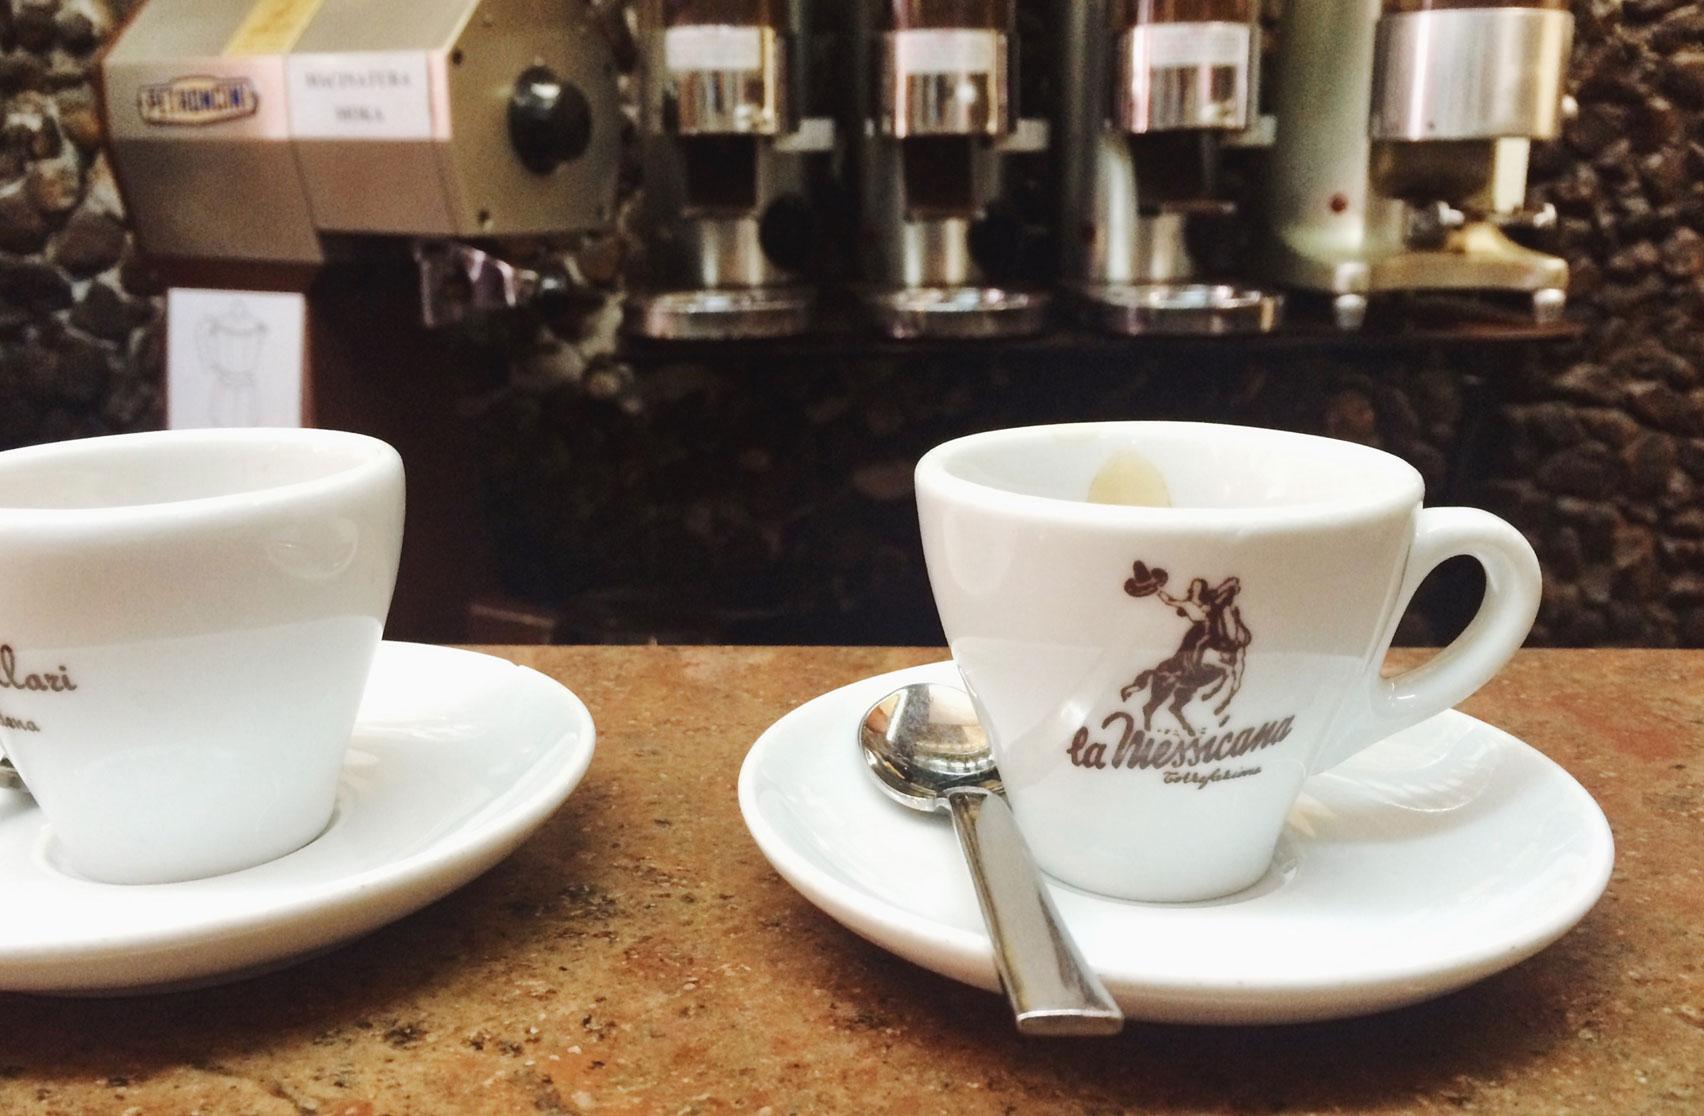 Café in Modena - Torrefazione La Mexicana